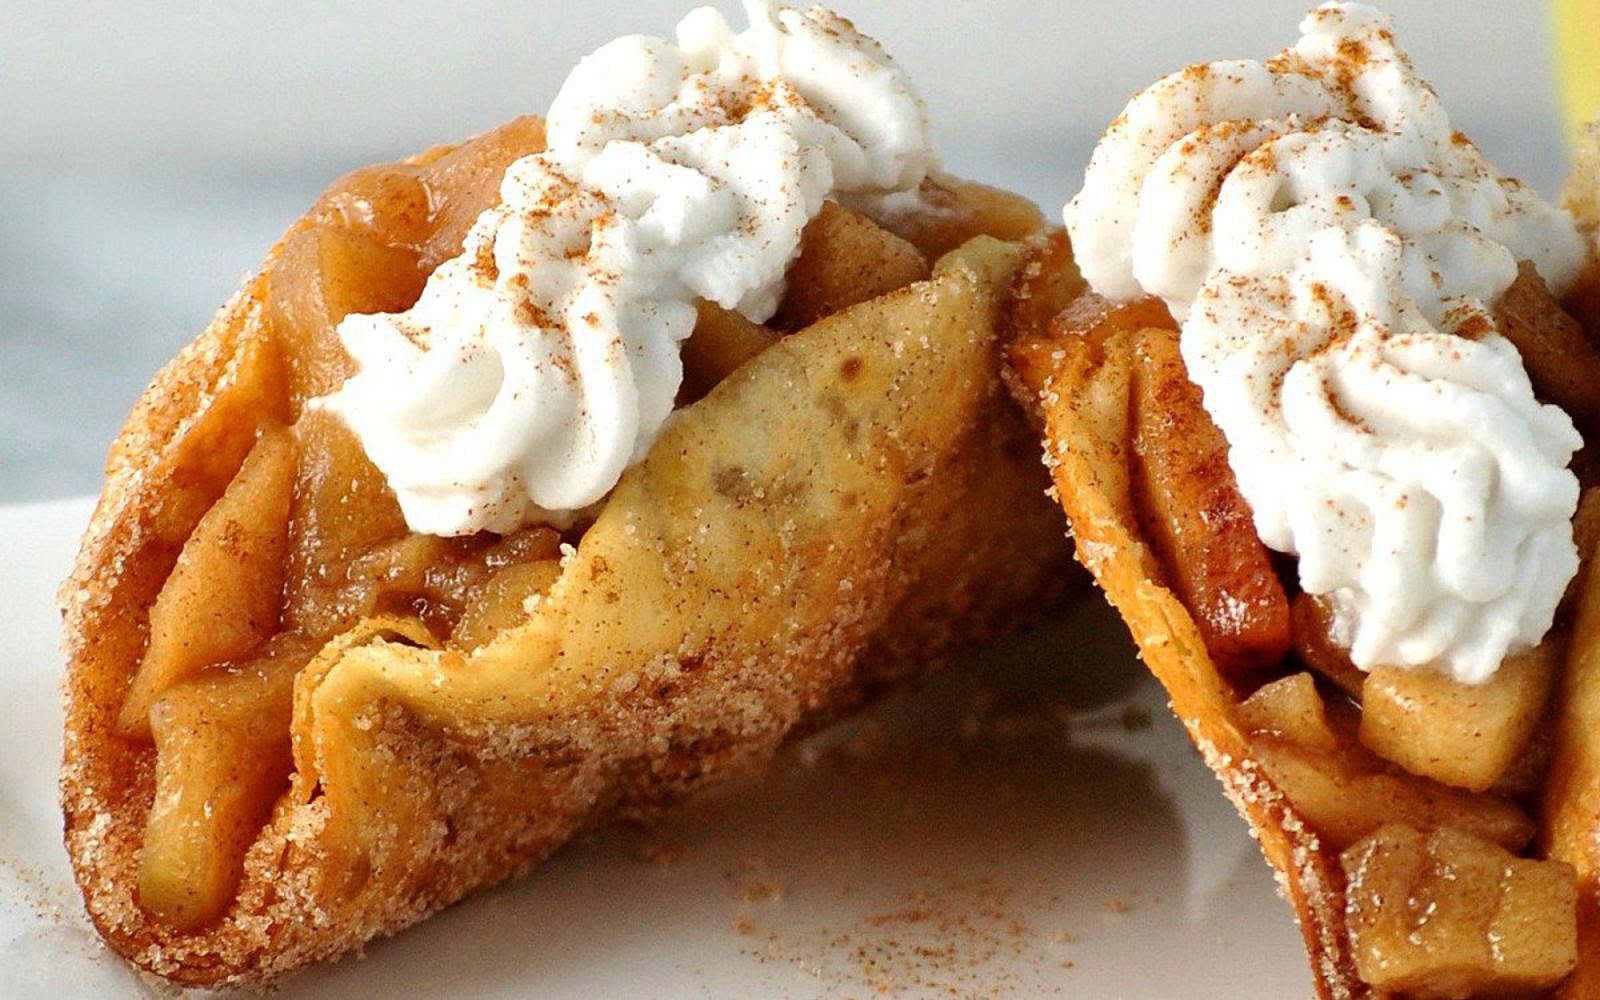 cinnamon apple dessert tacos